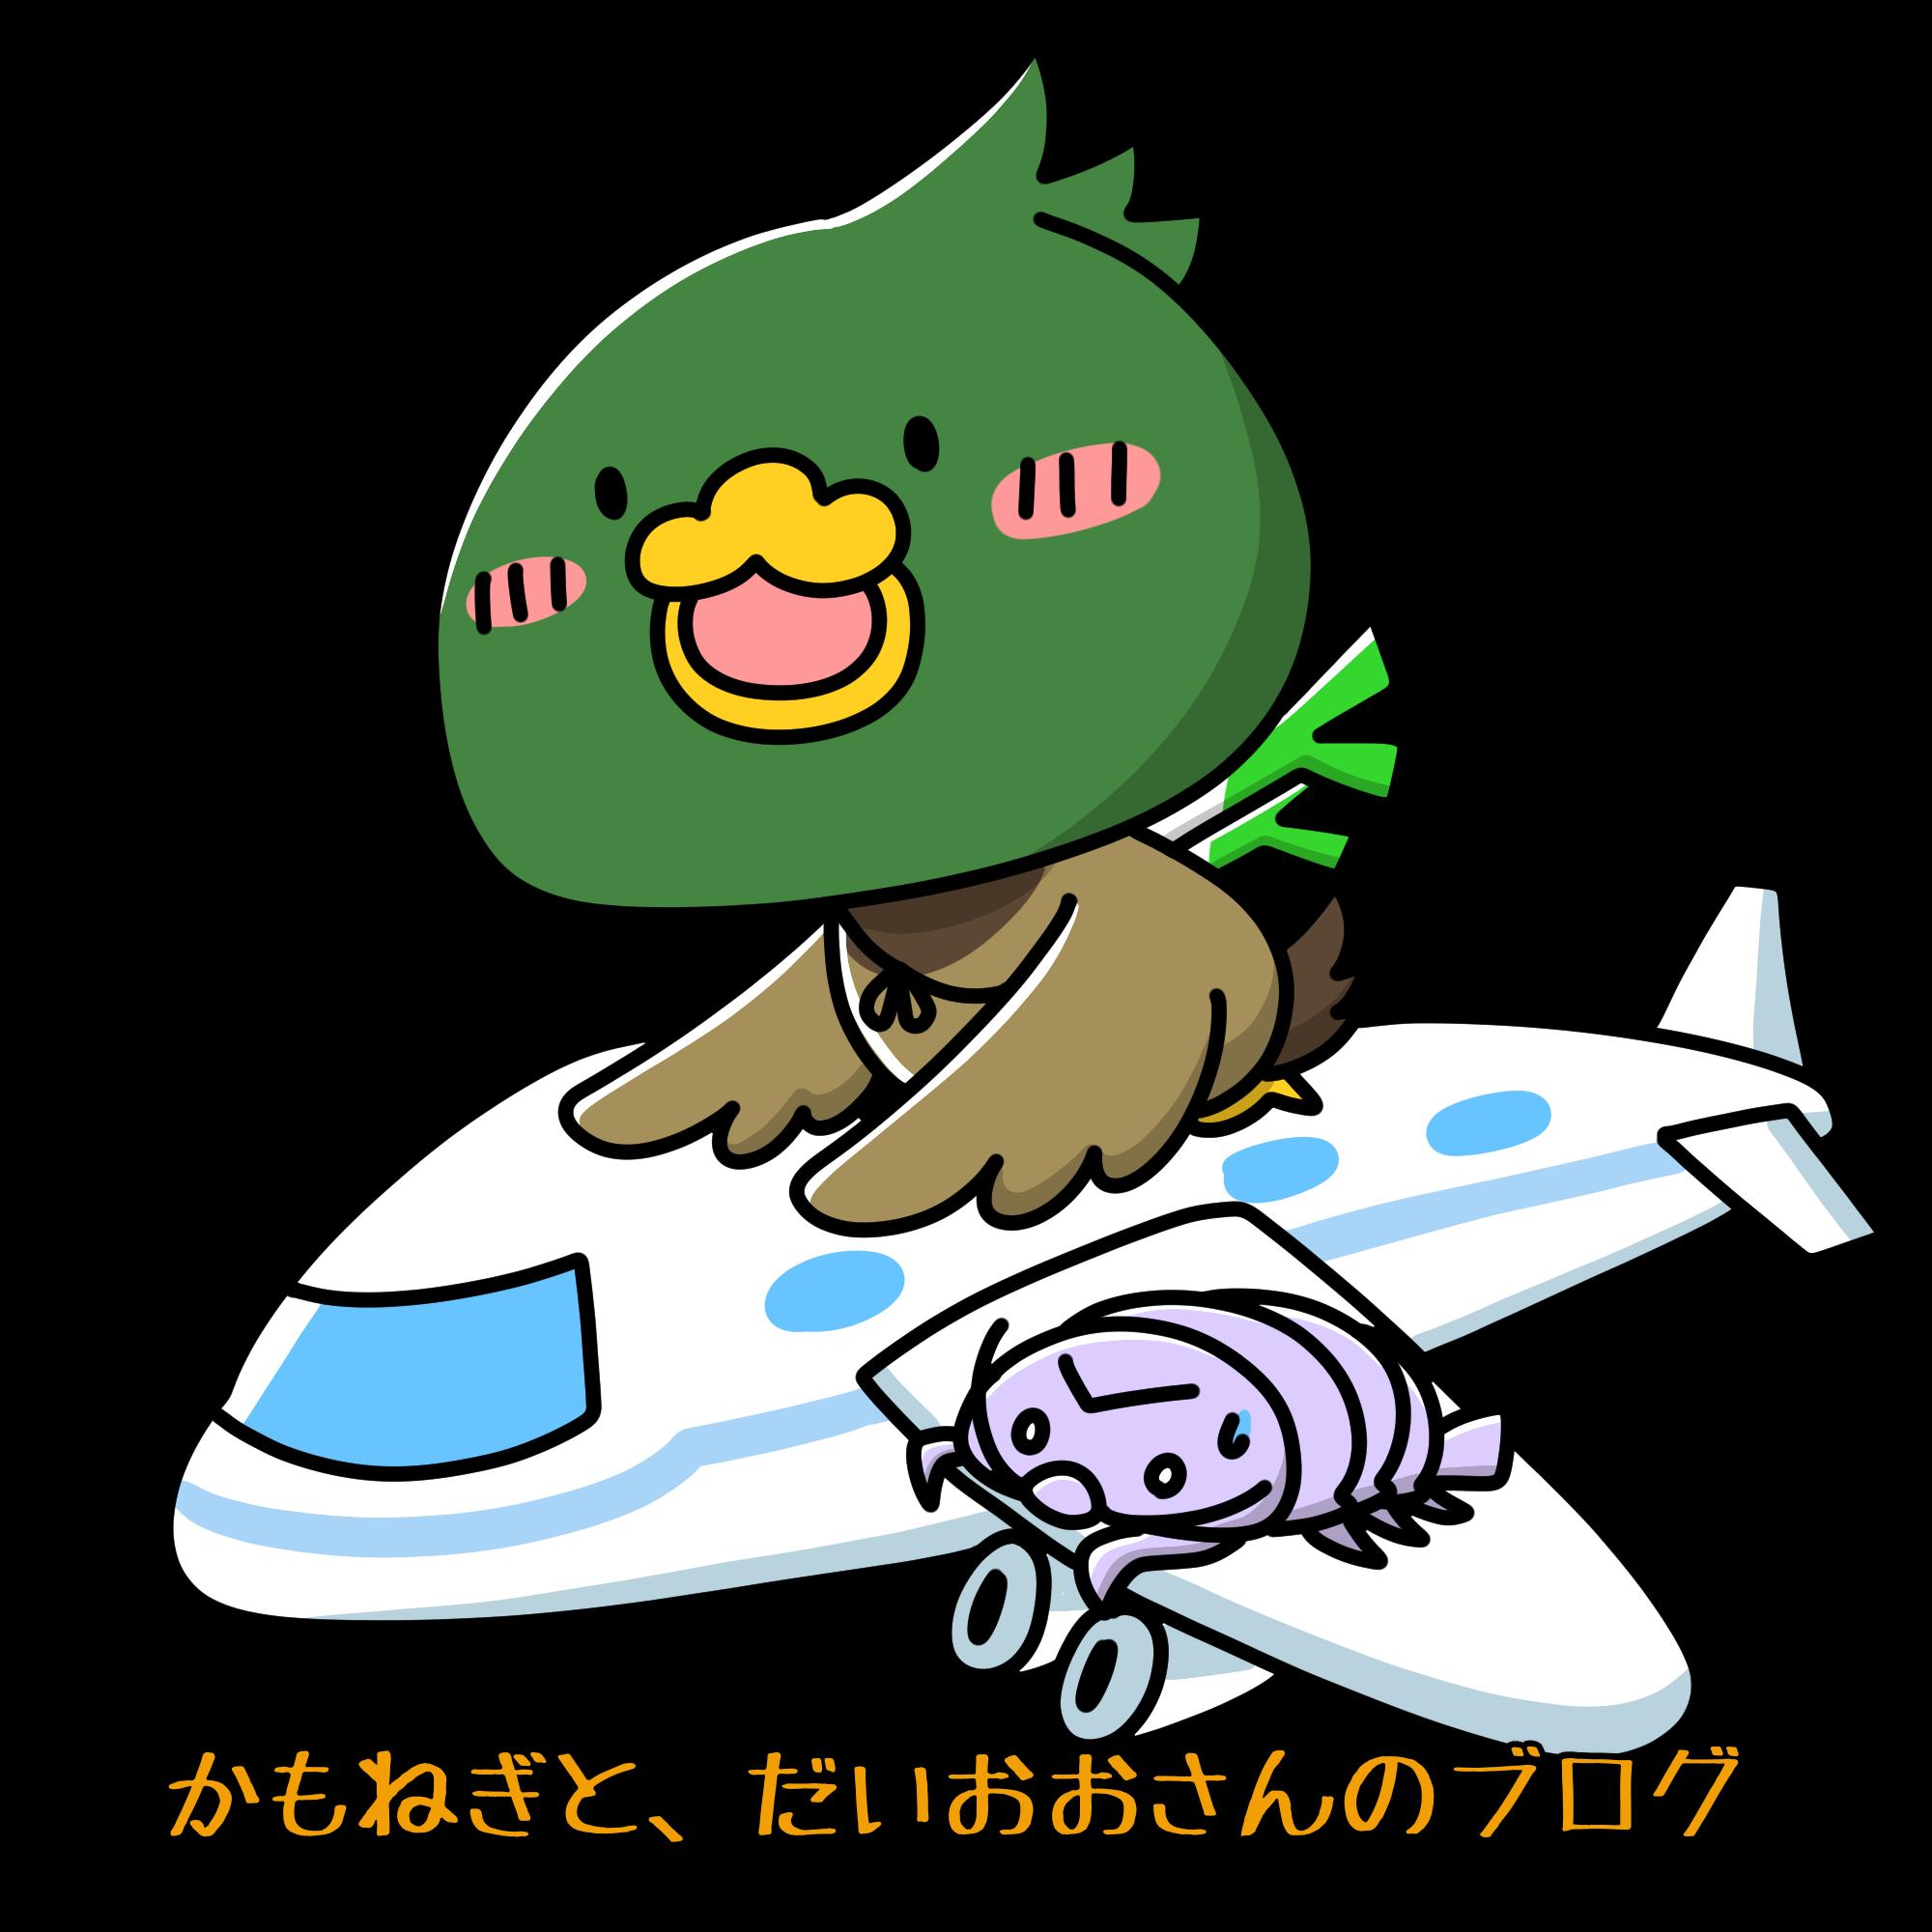 かもねぎ と だいおおさん のブログ   The blog of Kamonegi and Daioosan